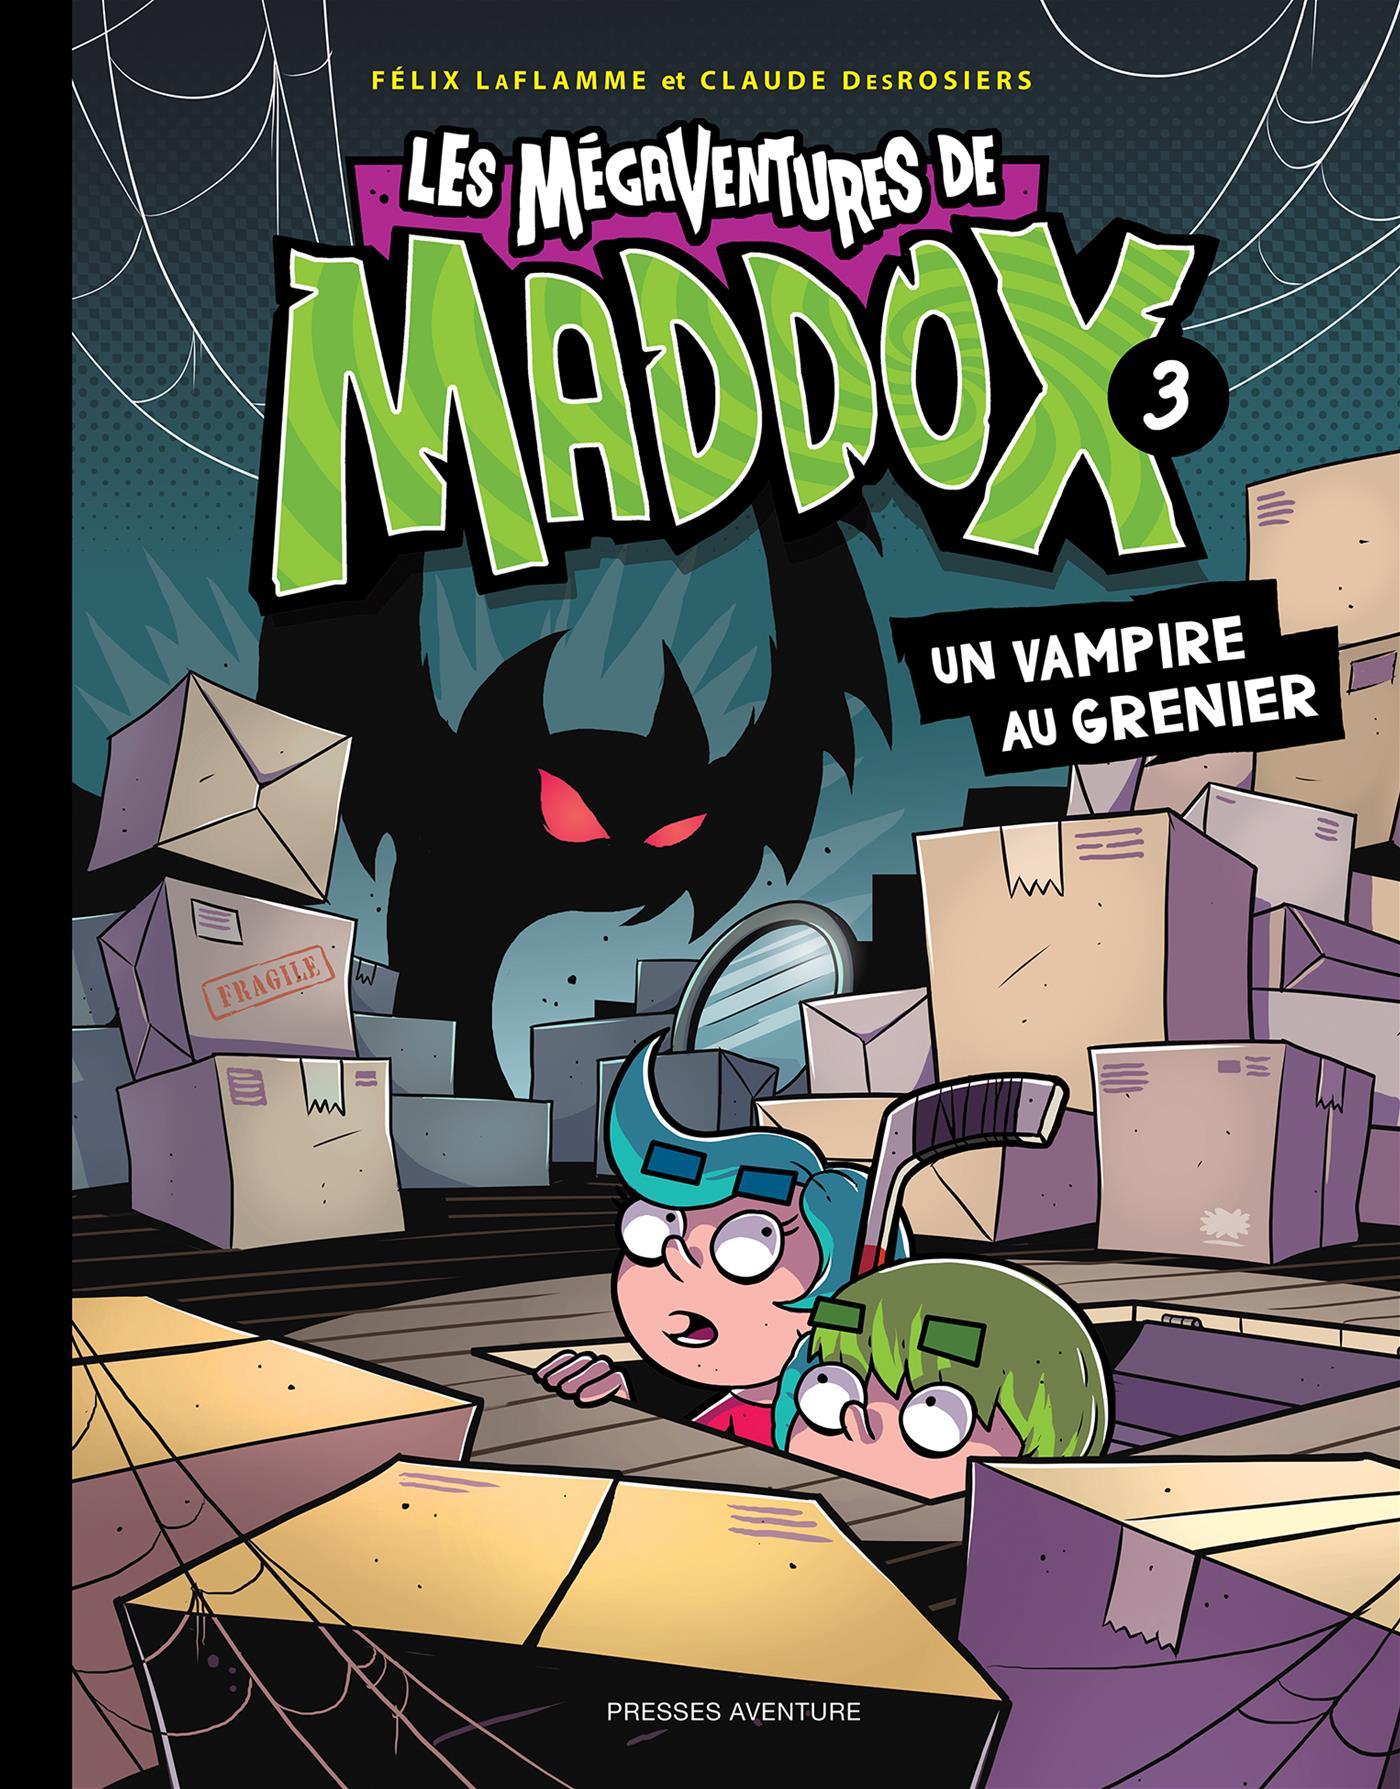 Les mégaventures de Maddox - Nº 3